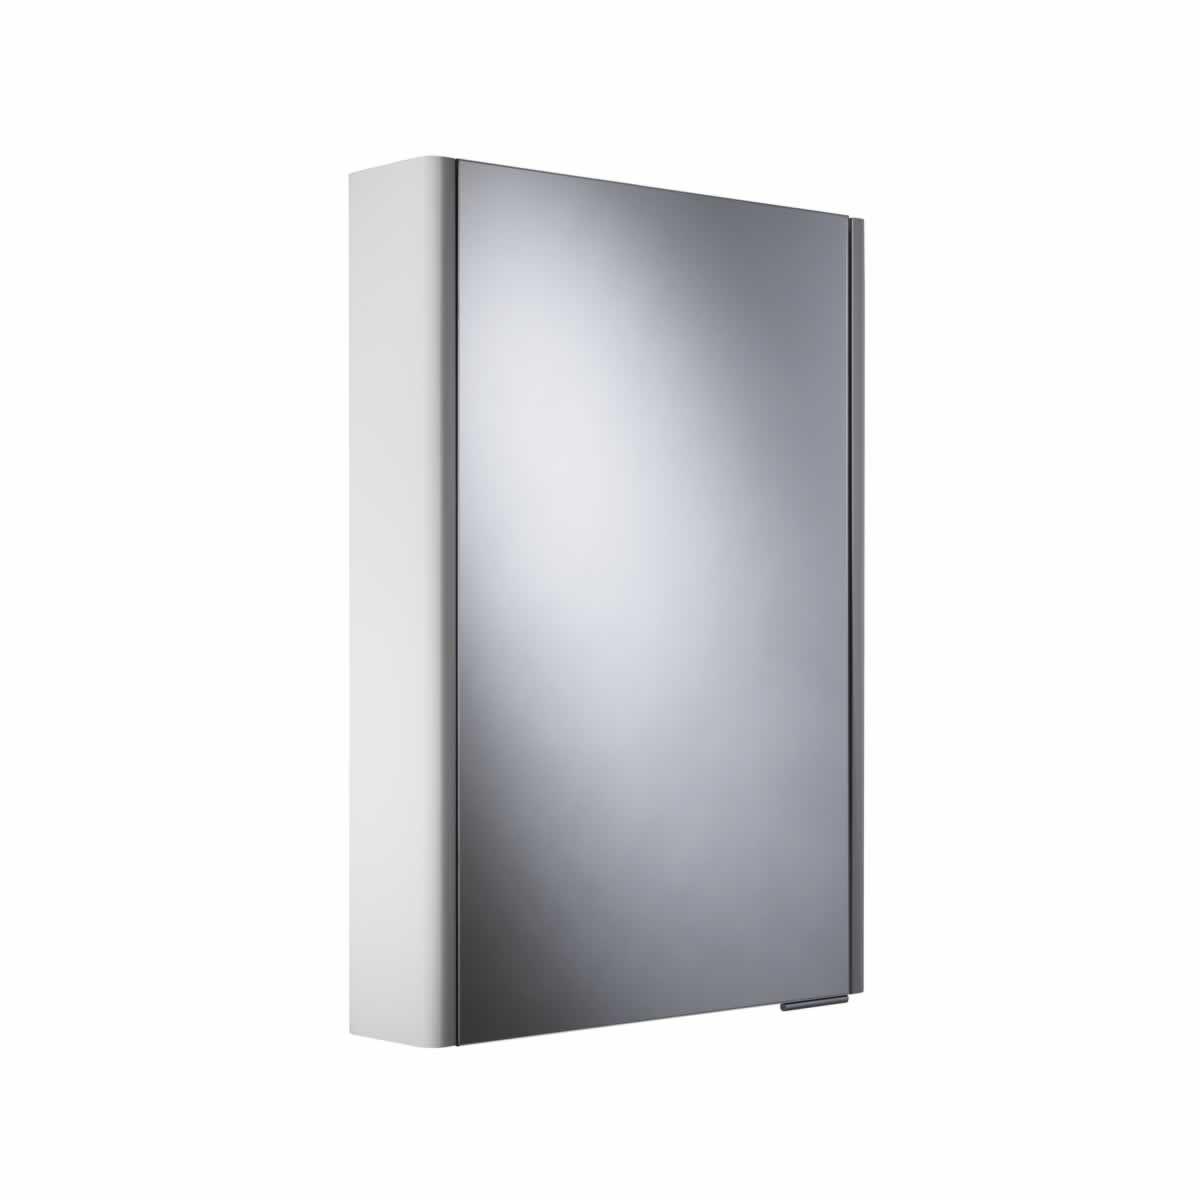 Roper rhodes bathroom mirrors - Roper Rhodes Phase Mirror Cabinet